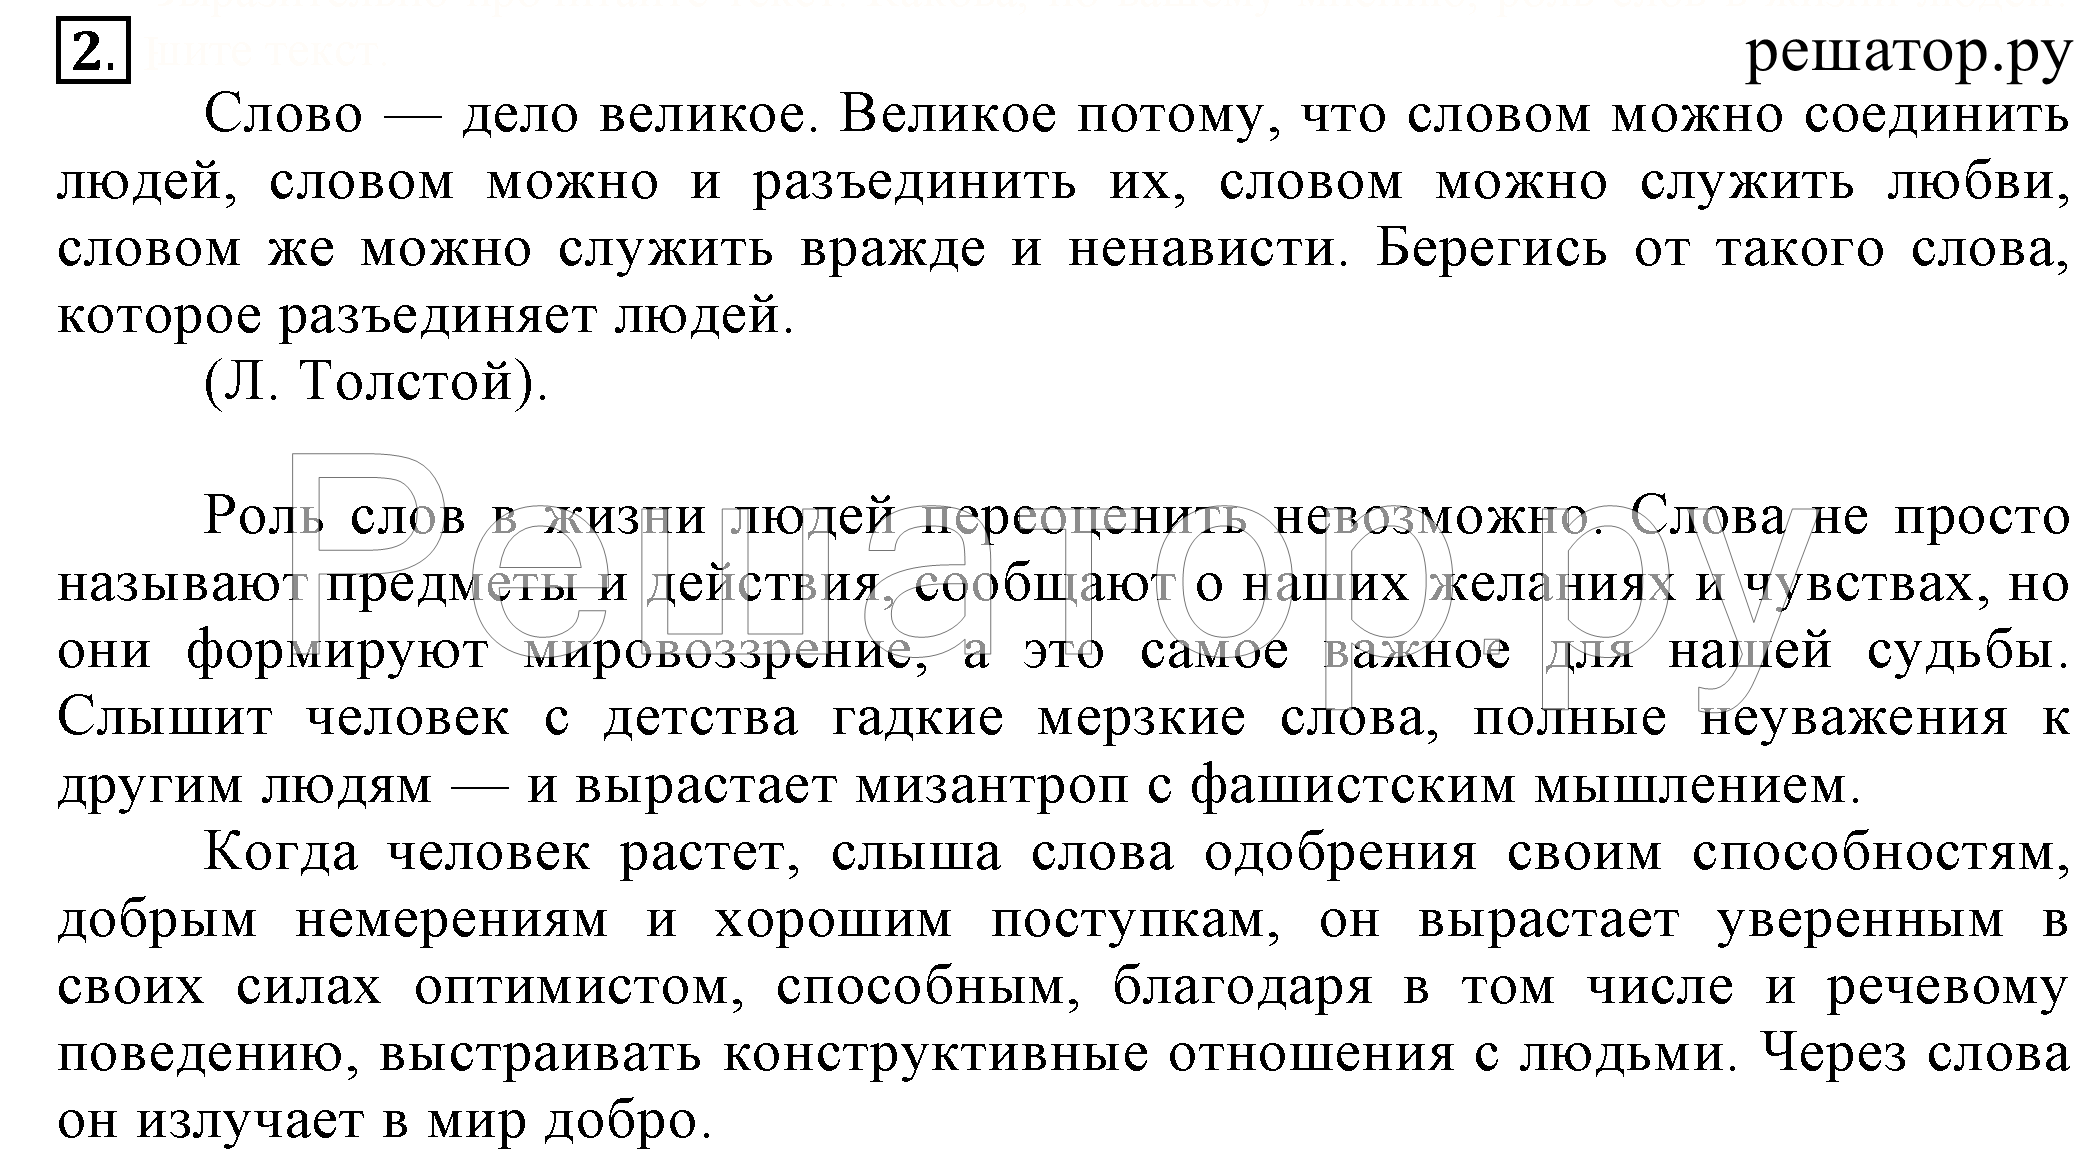 Гдз по русскому языку 5 класс разумовская львова капинос львов 2018 5 класса